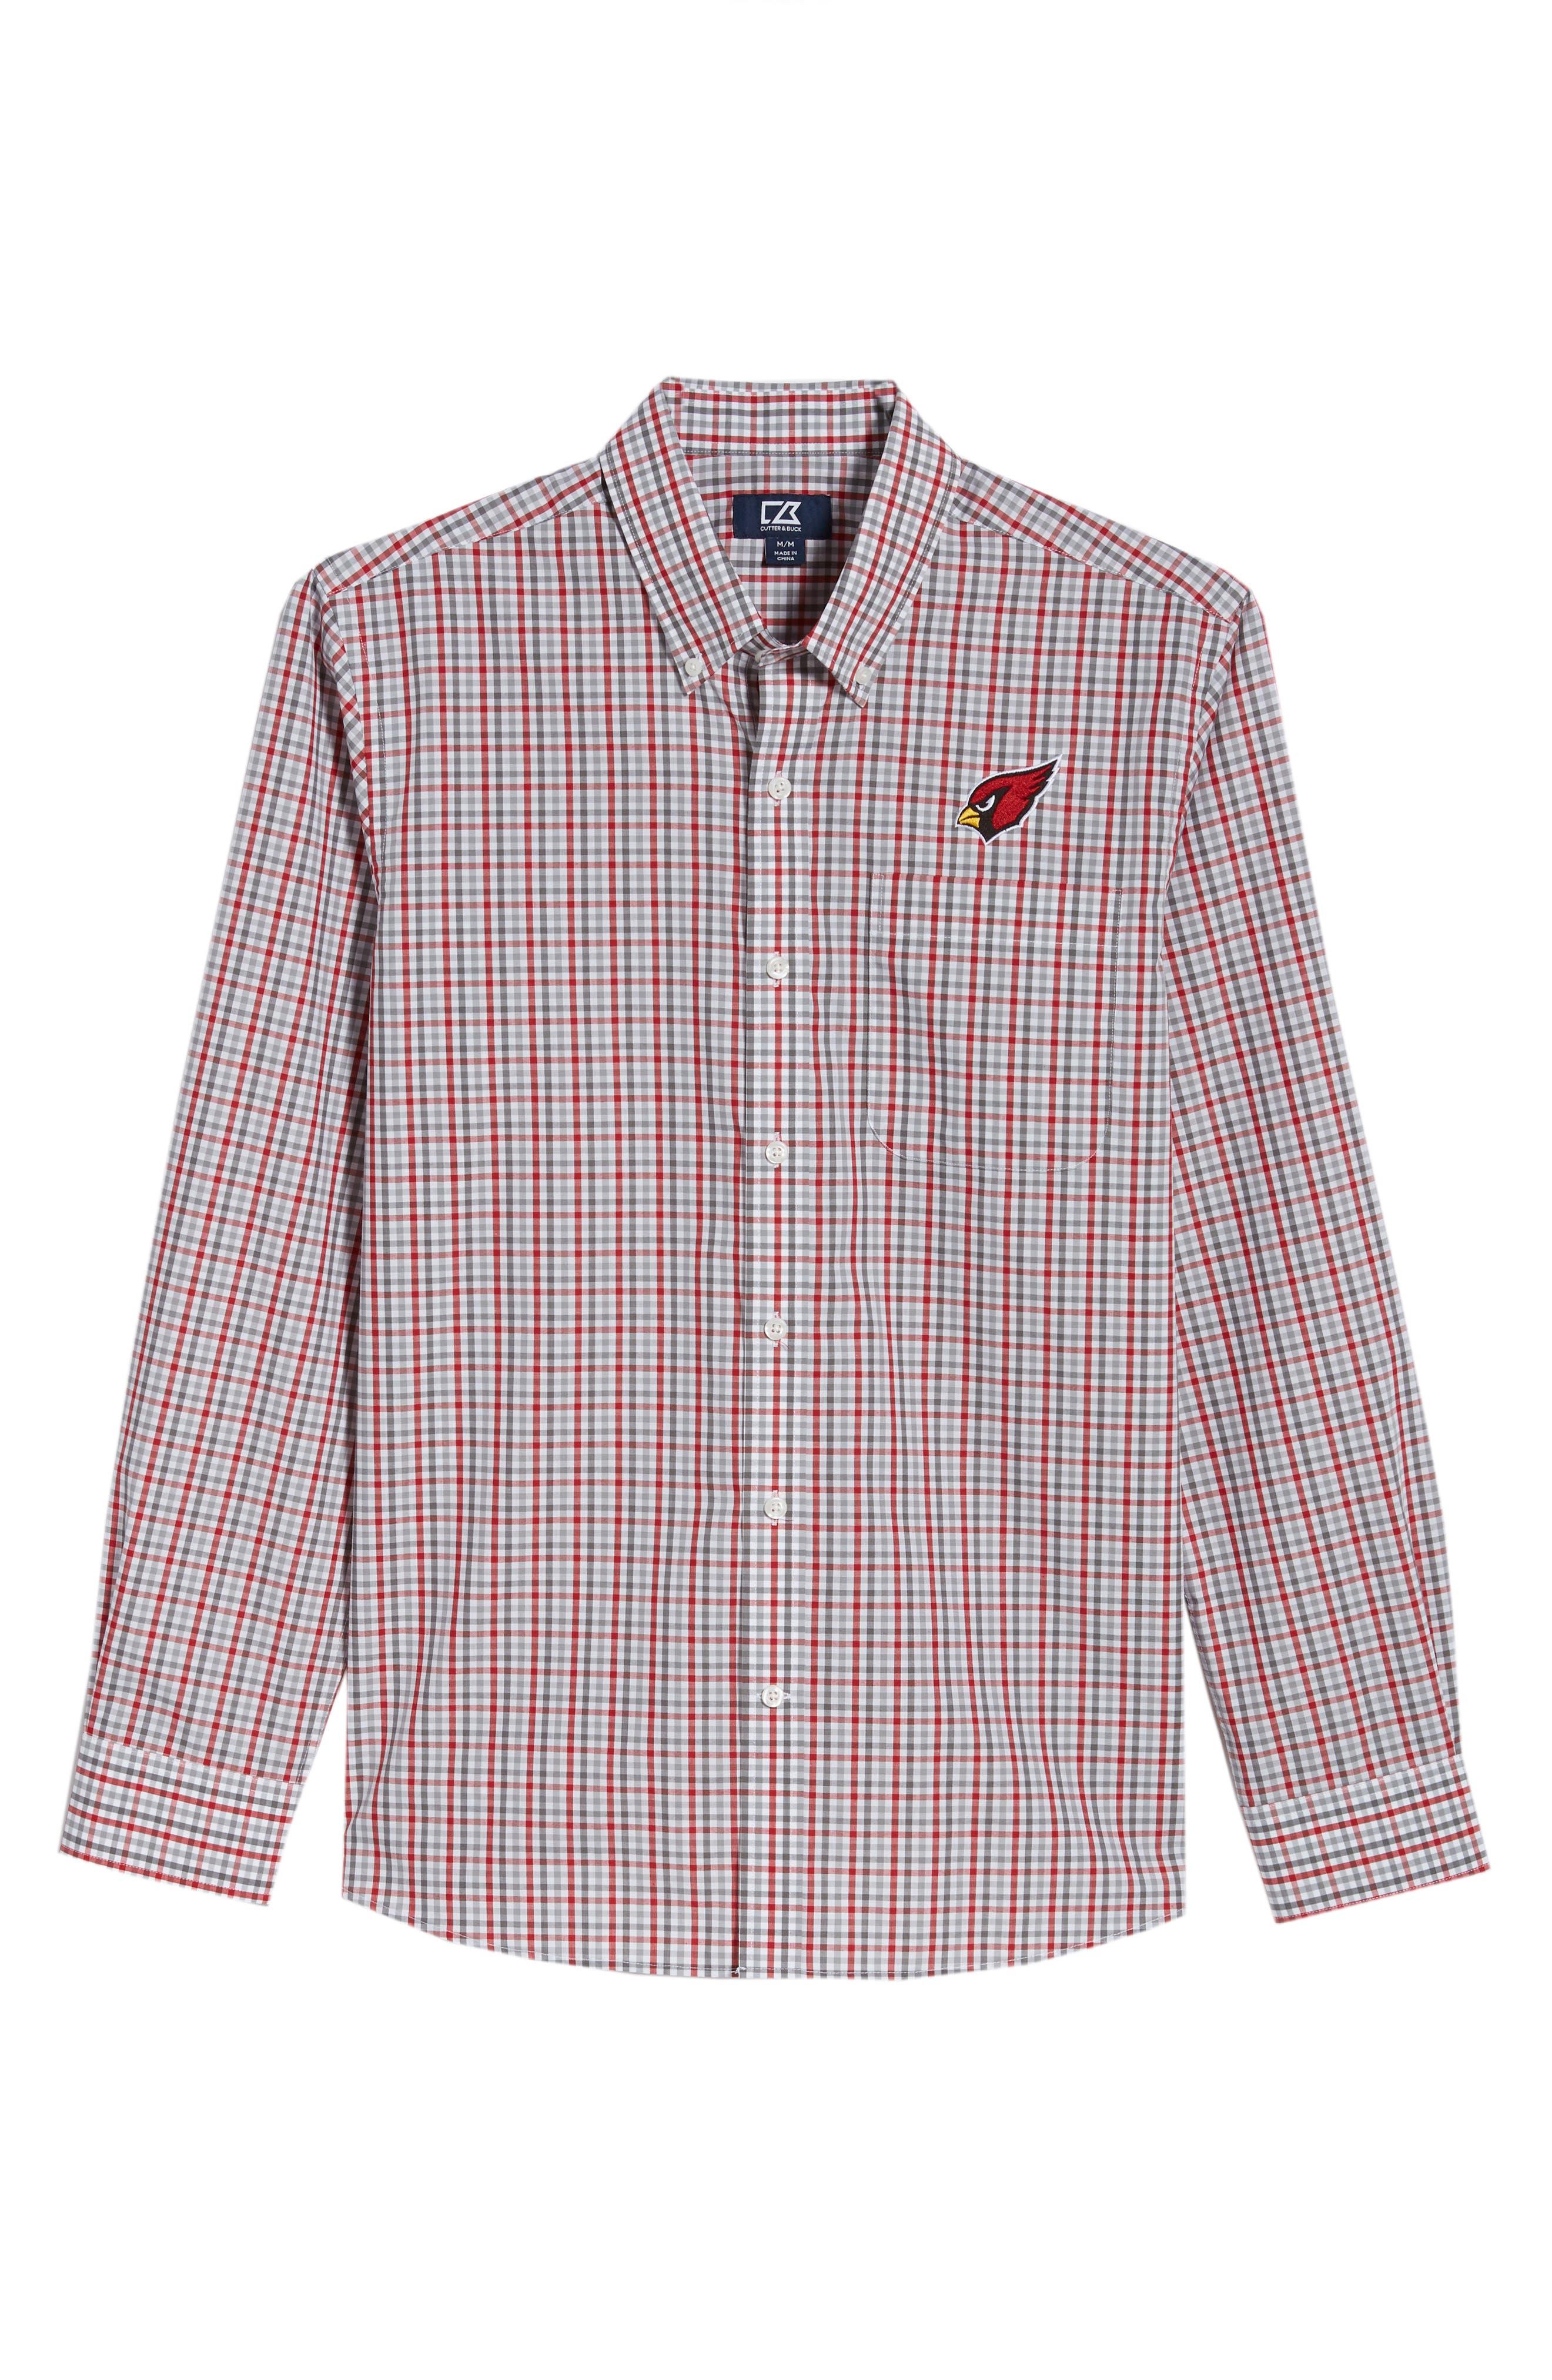 Arizona Cardinals - Gilman Regular Fit Plaid Sport Shirt,                             Alternate thumbnail 6, color,                             CARDINAL RED